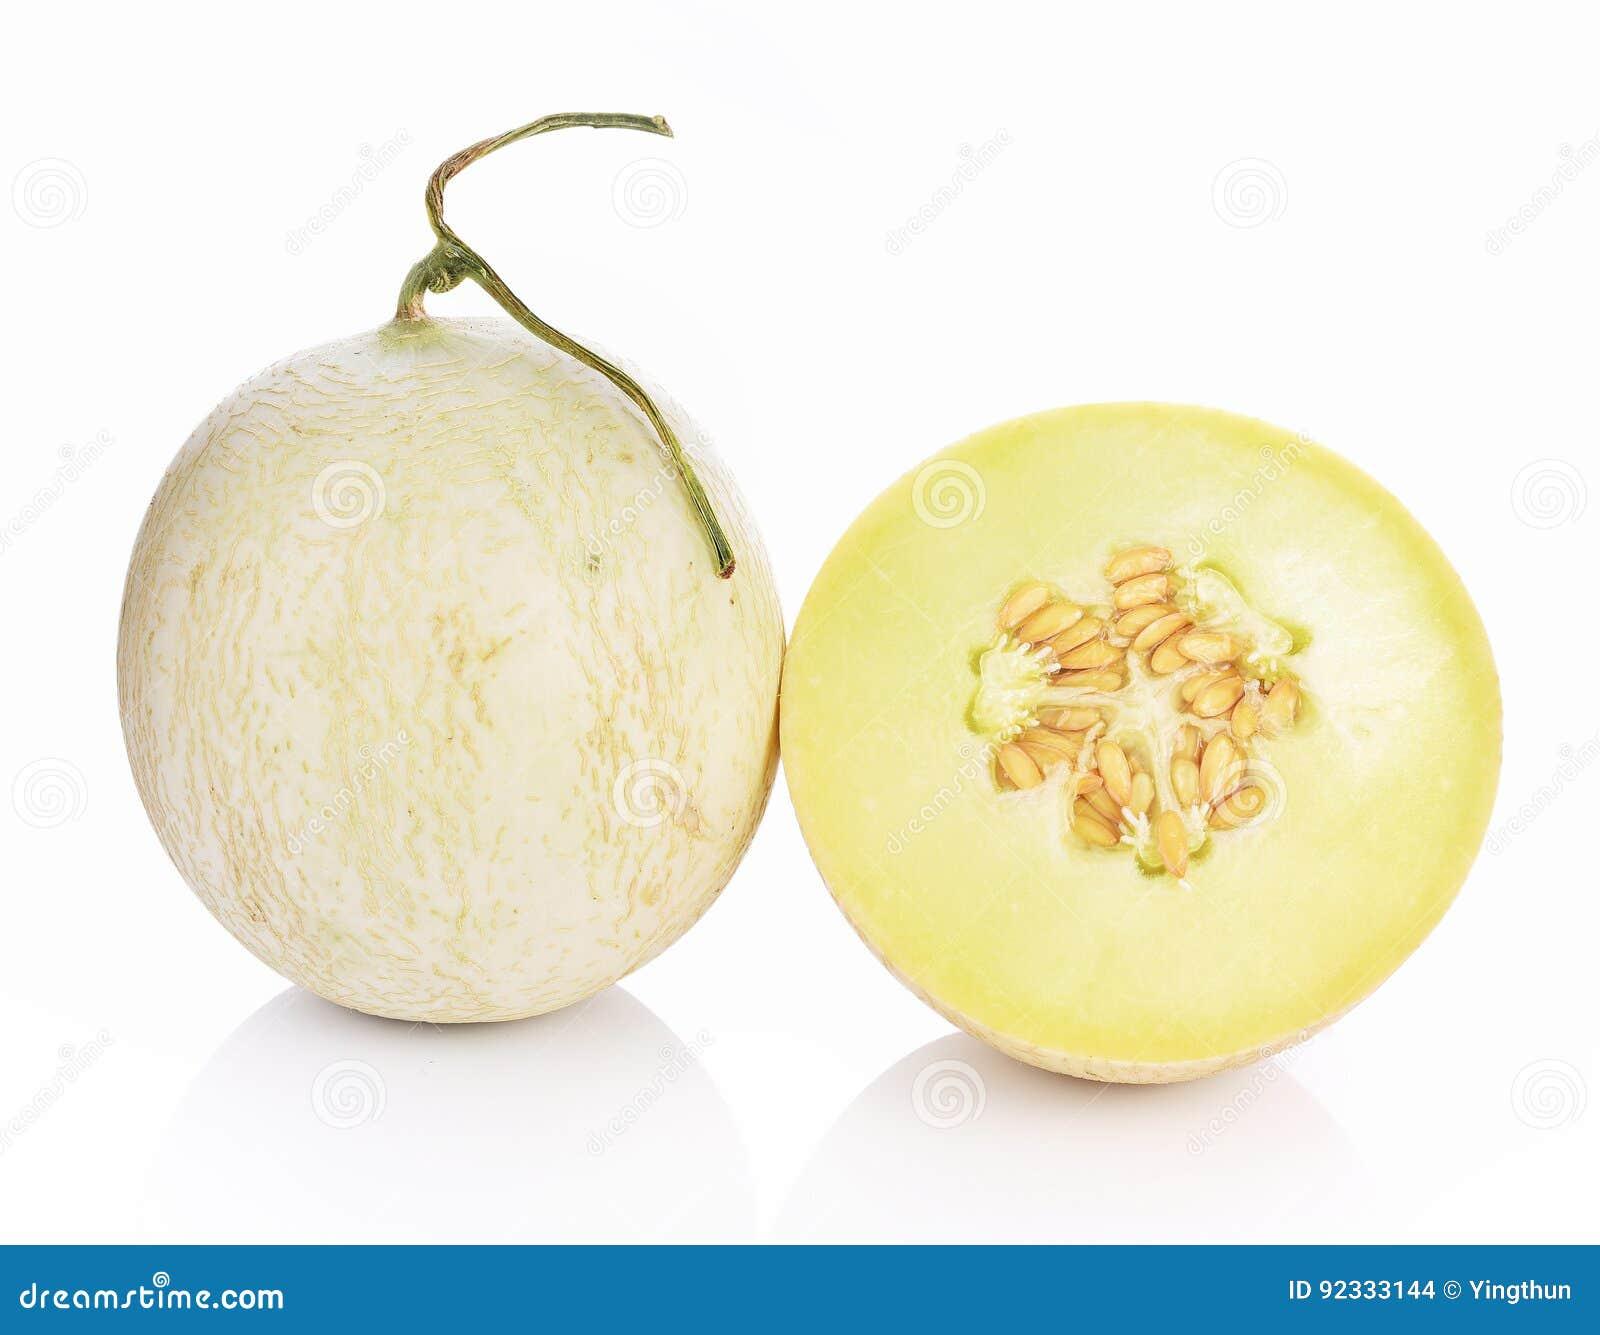 Kantalupenmelone auf weißem Hintergrund